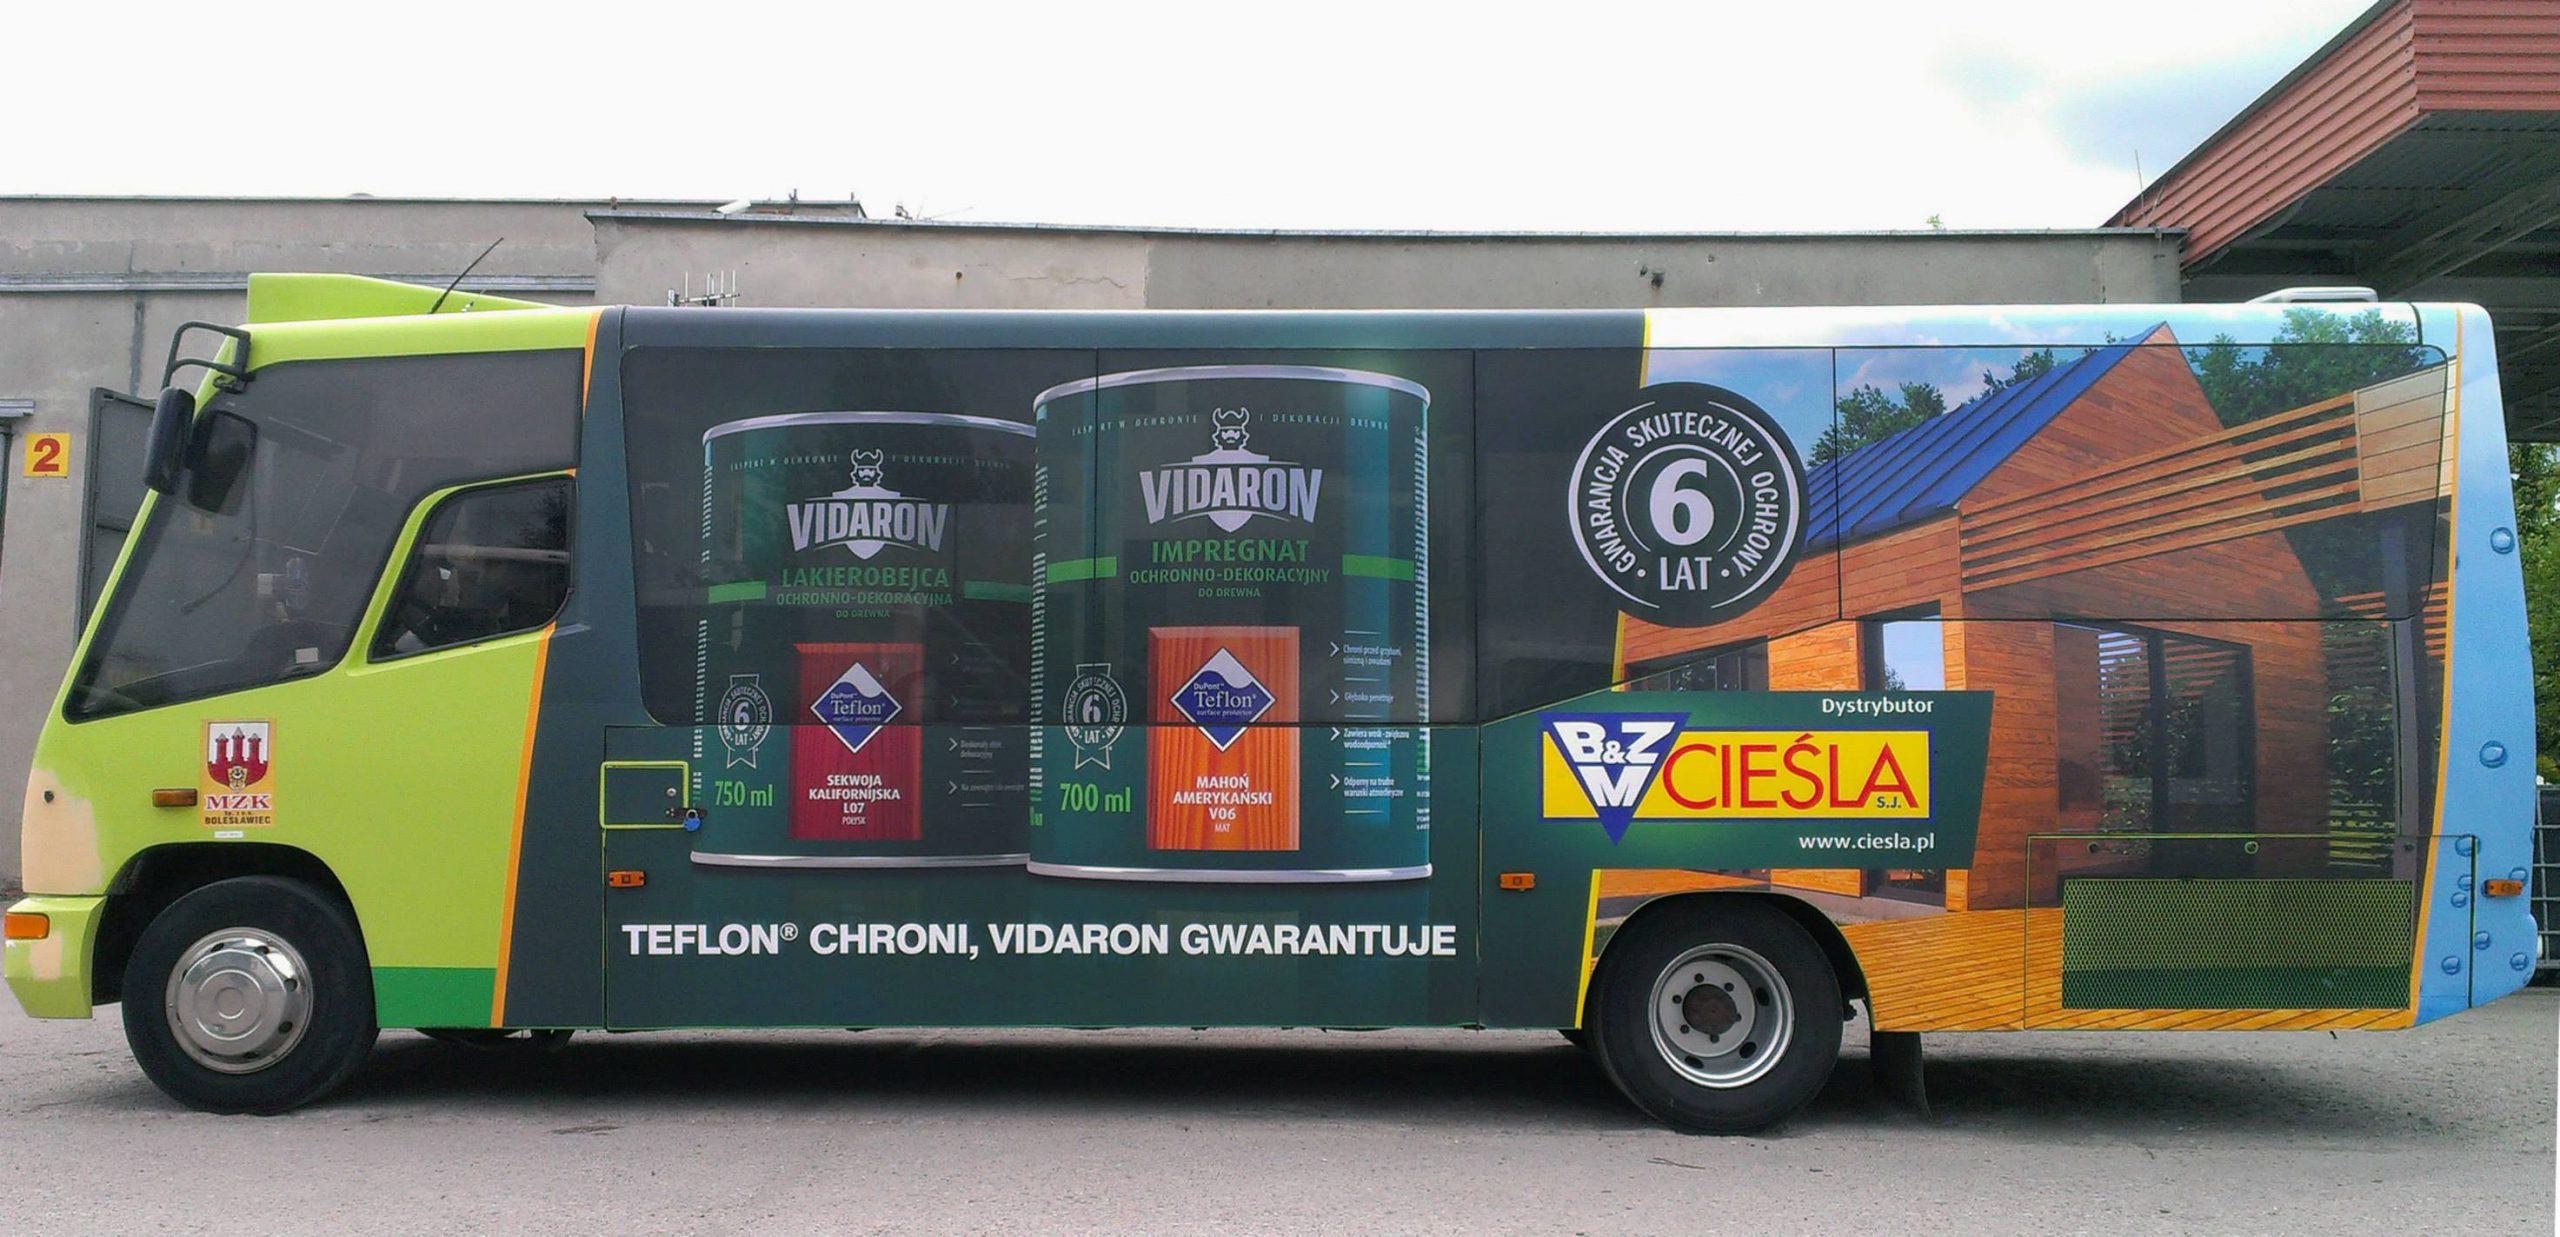 Reklama na autobusie komunikacji miejskiej